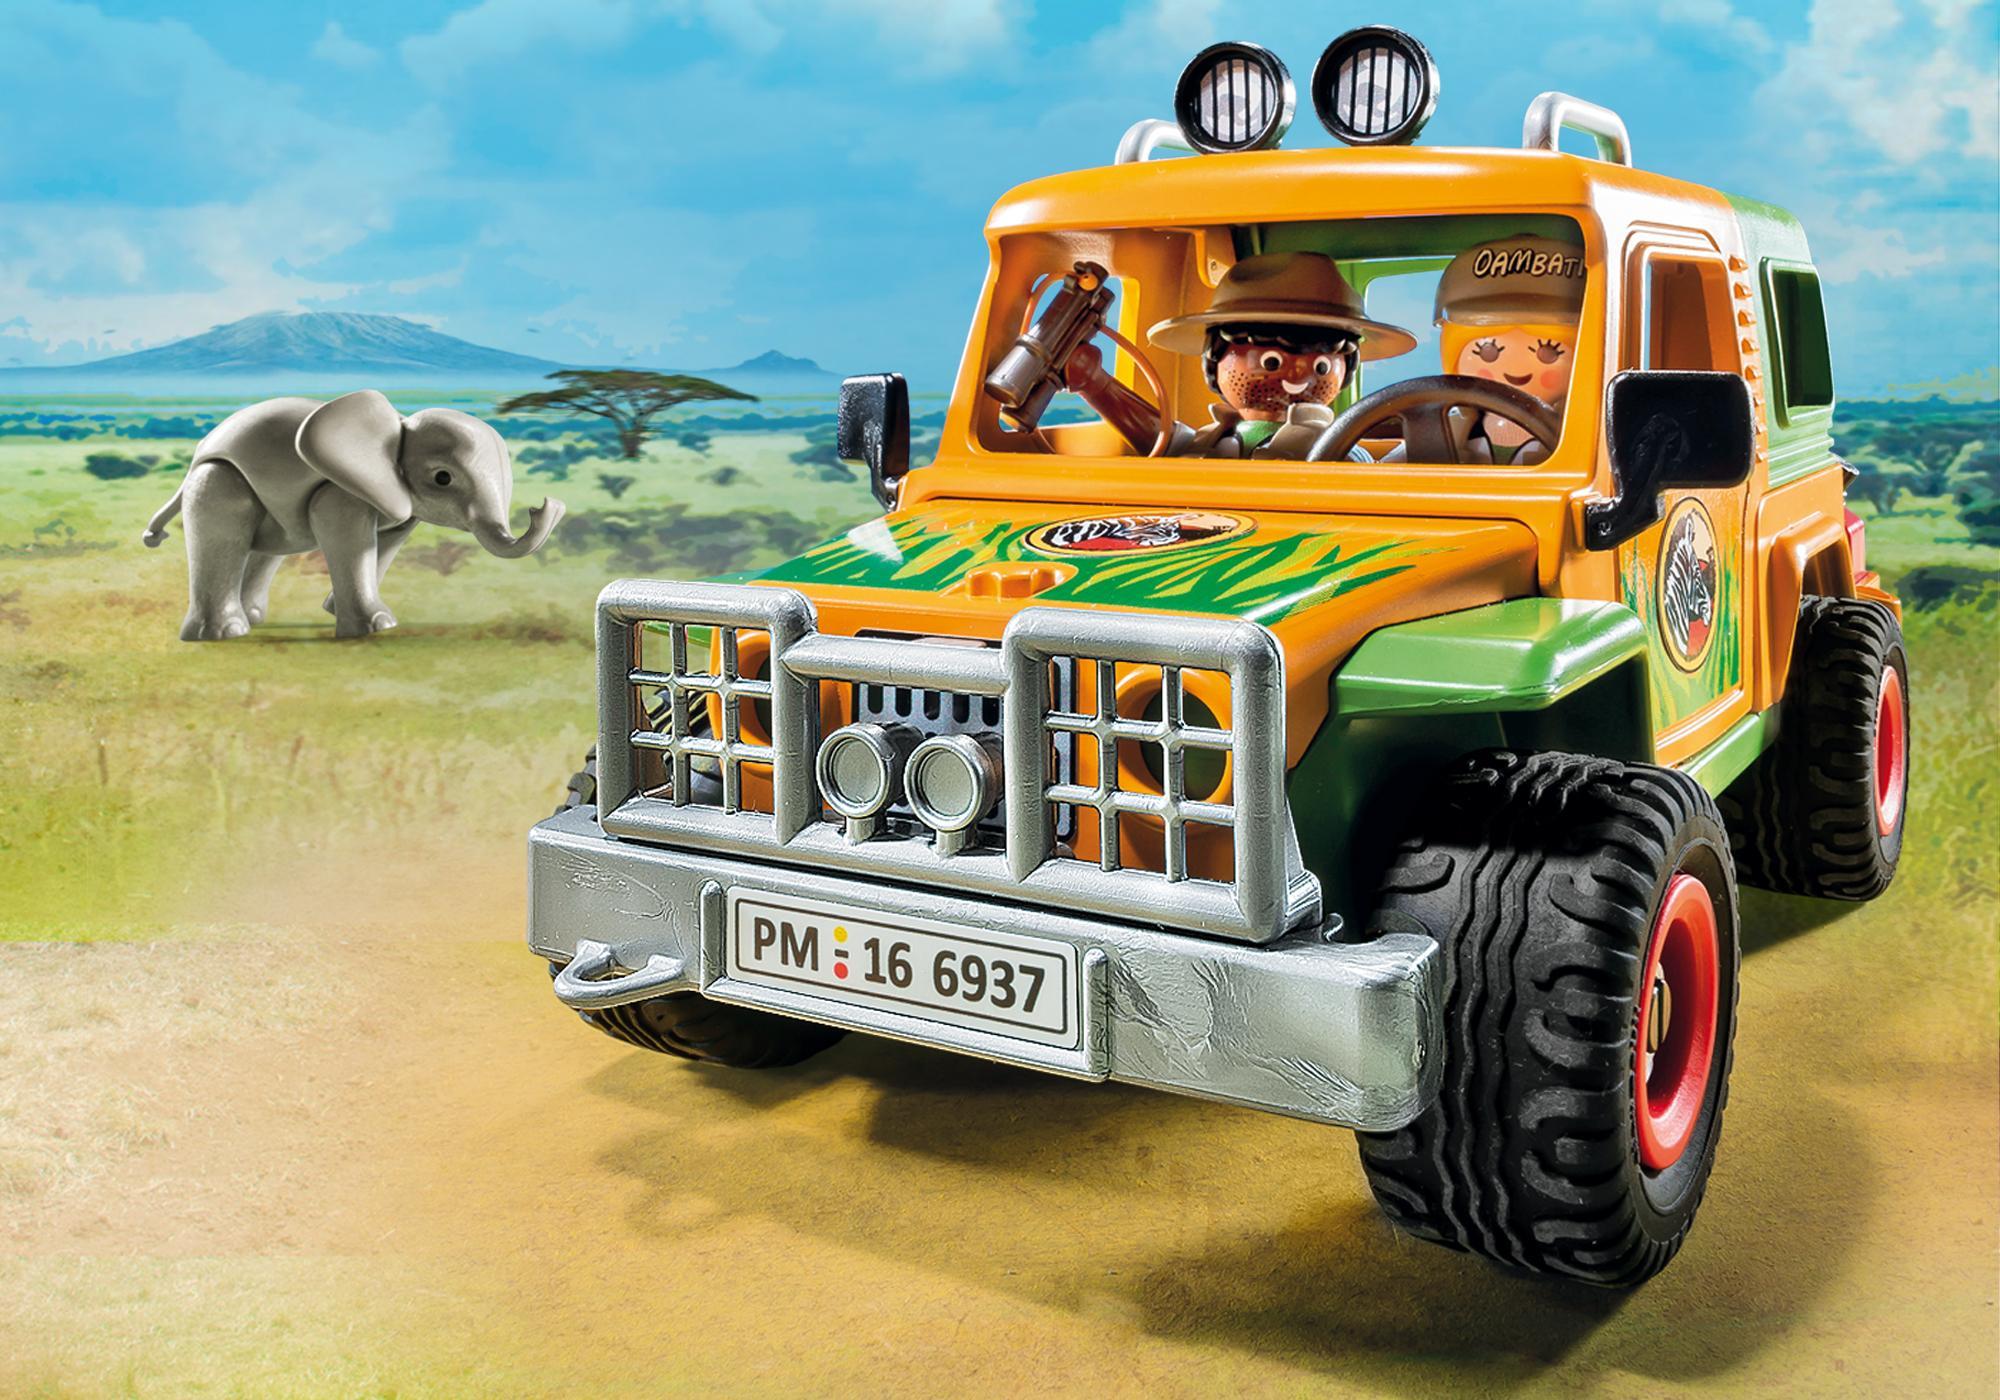 http://media.playmobil.com/i/playmobil/6937_product_extra1/Camión con Elefante